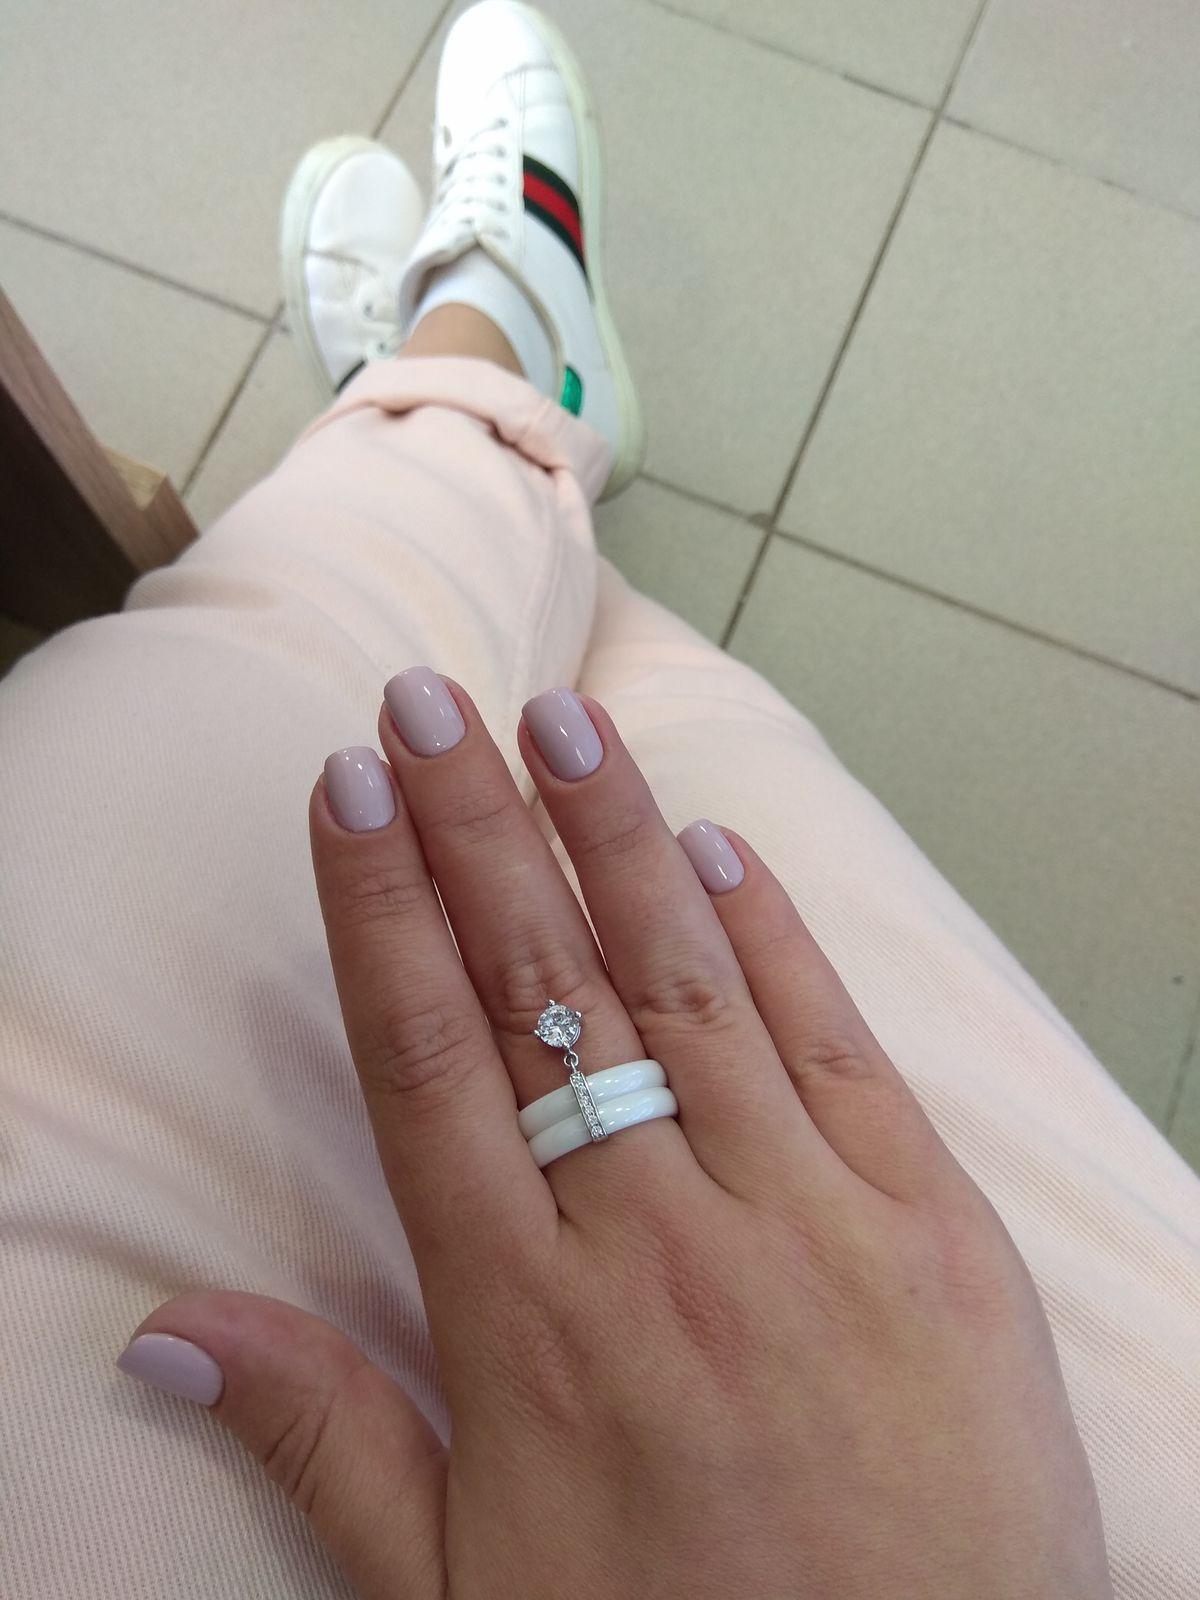 Шикарное кольцо за смешные деньги